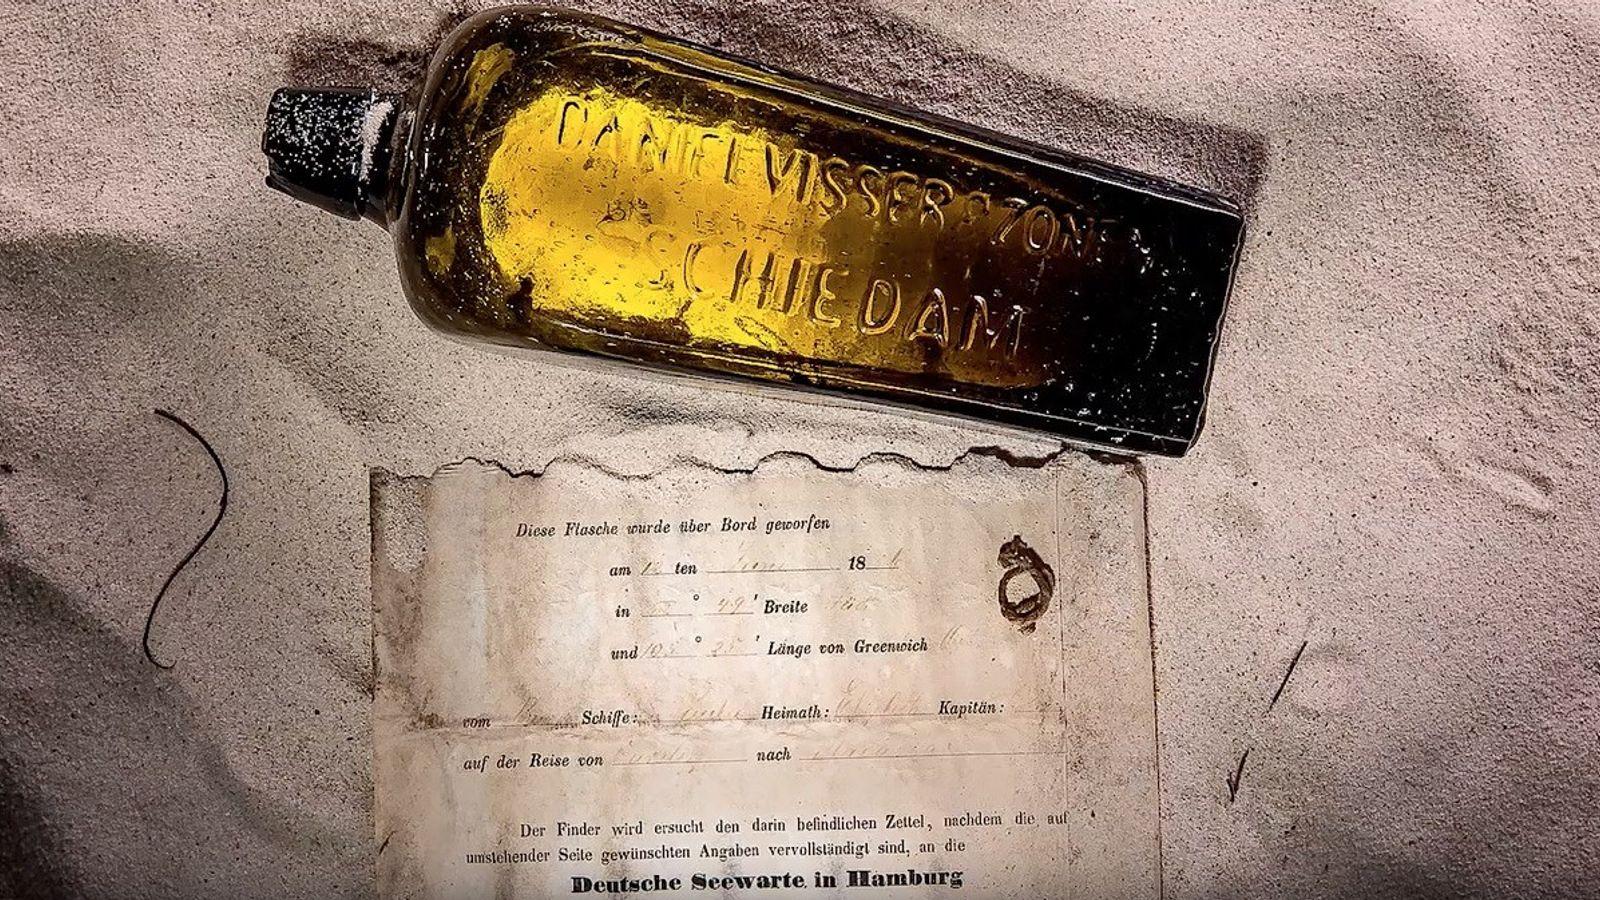 mensagem dentro de uma garrafa